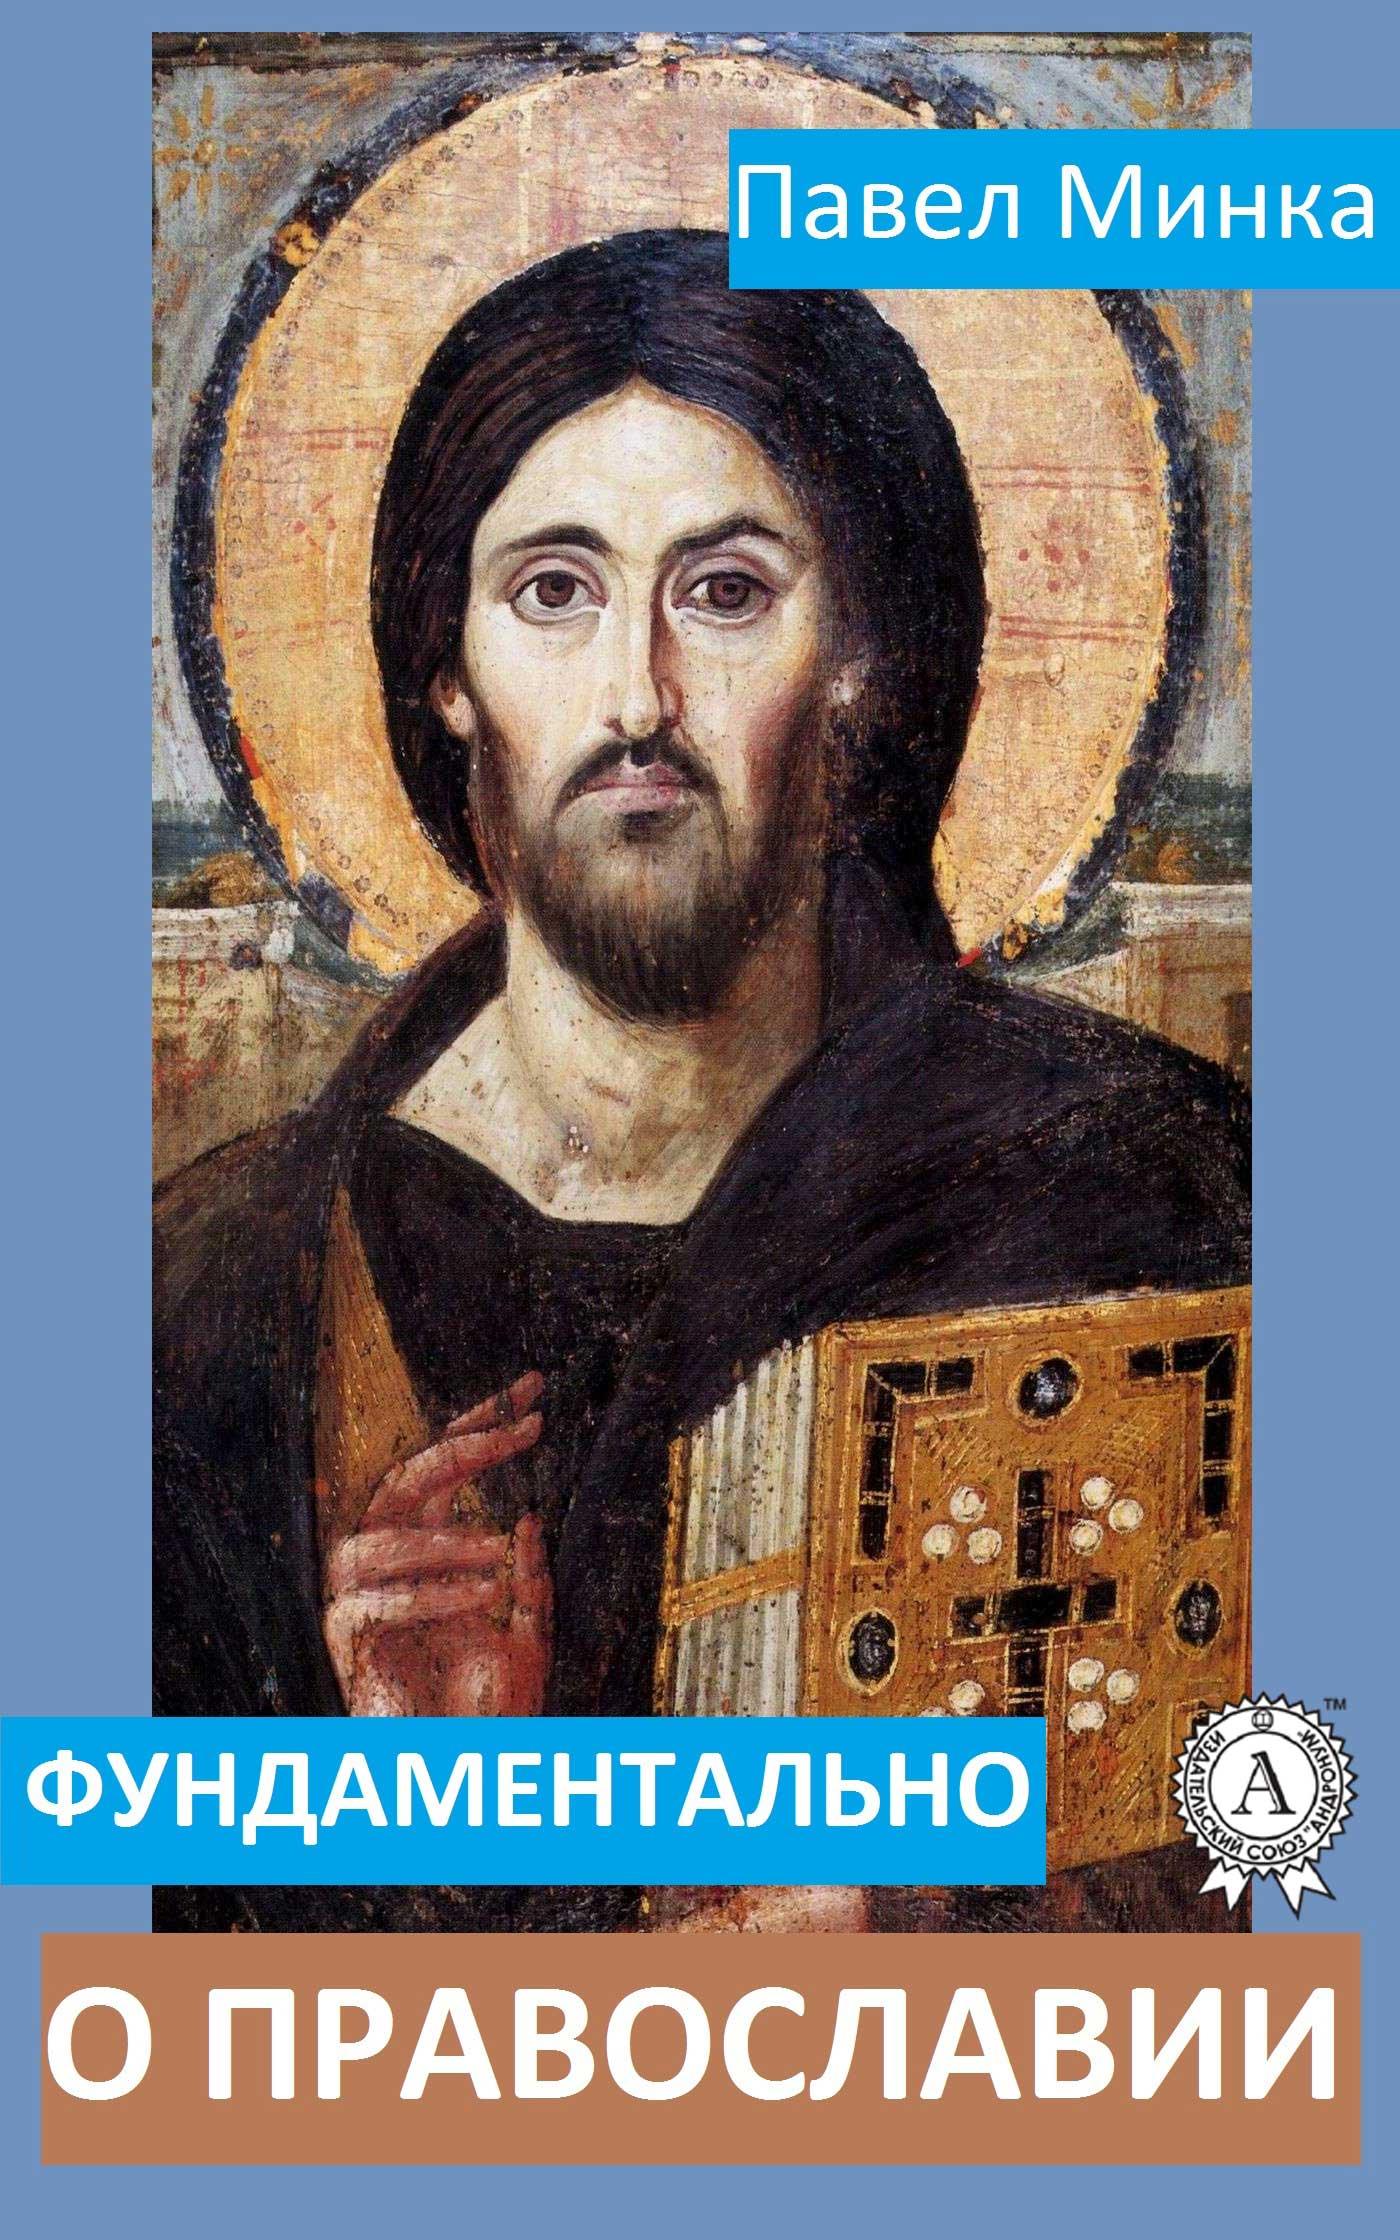 Павел Минка Фундаментально о православии